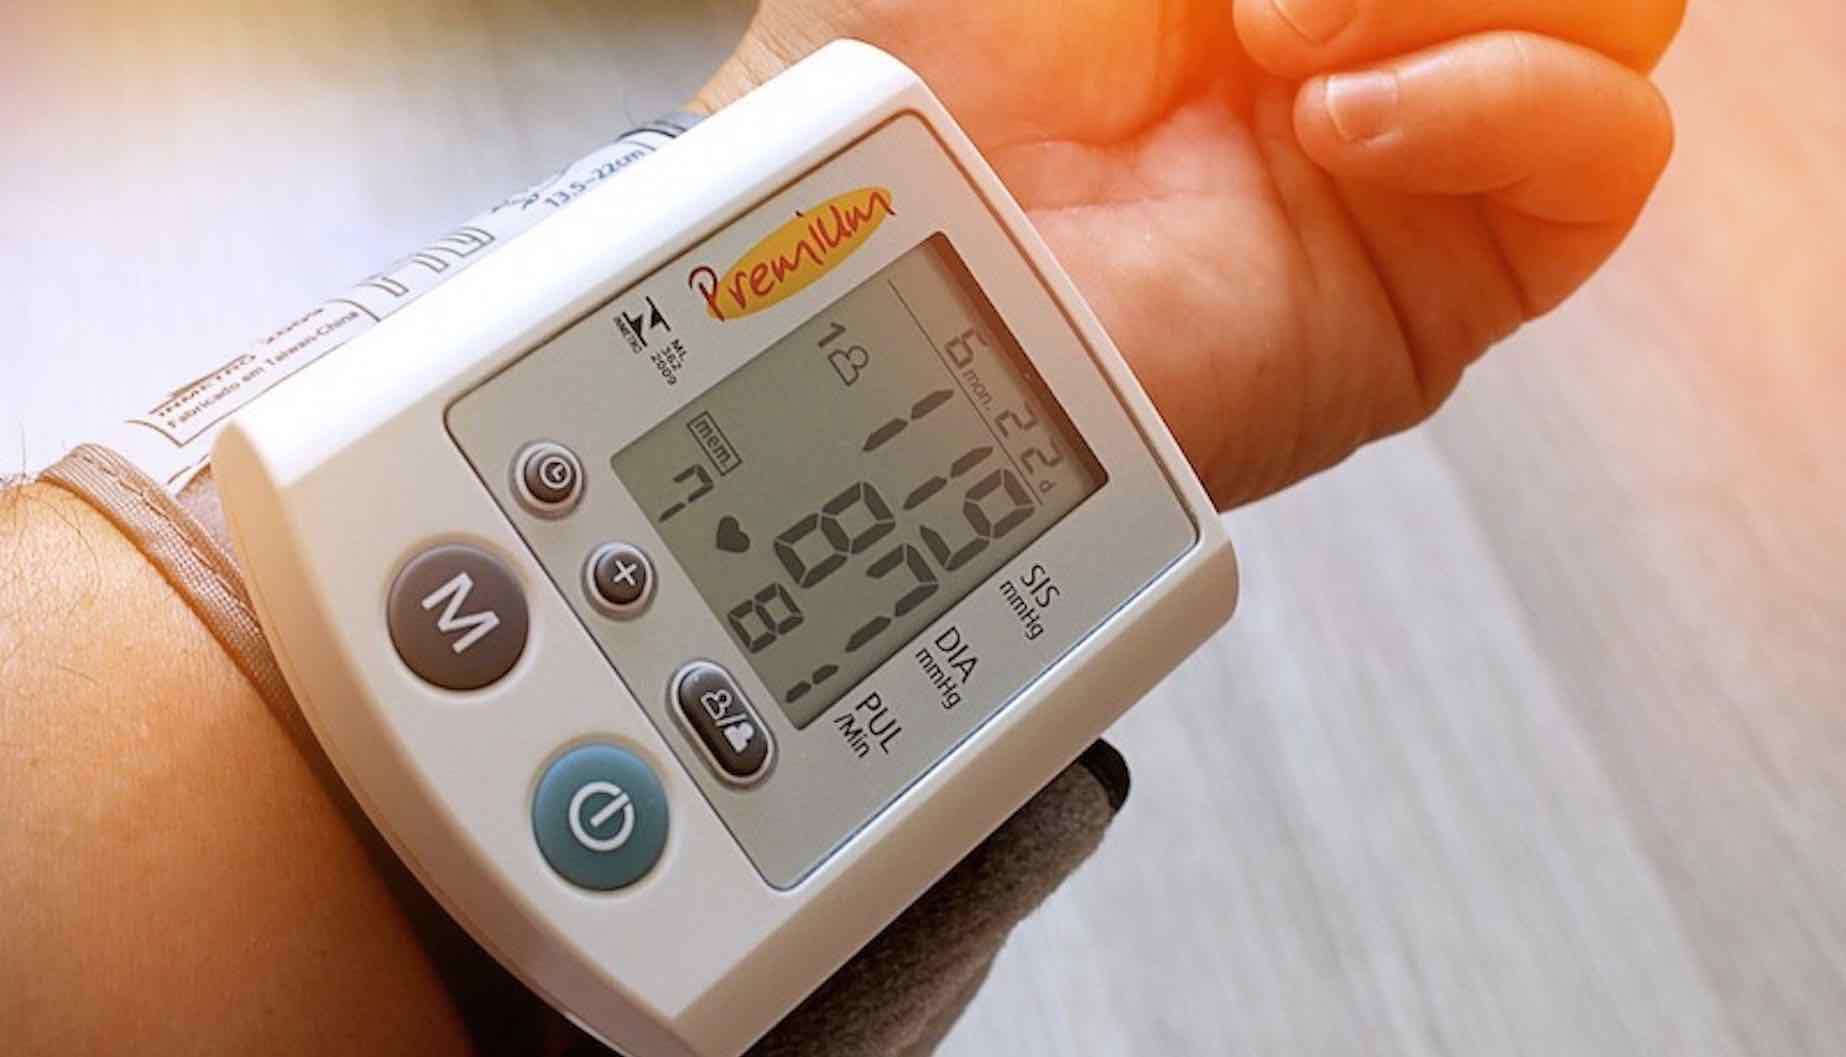 High blood pressure and OSA